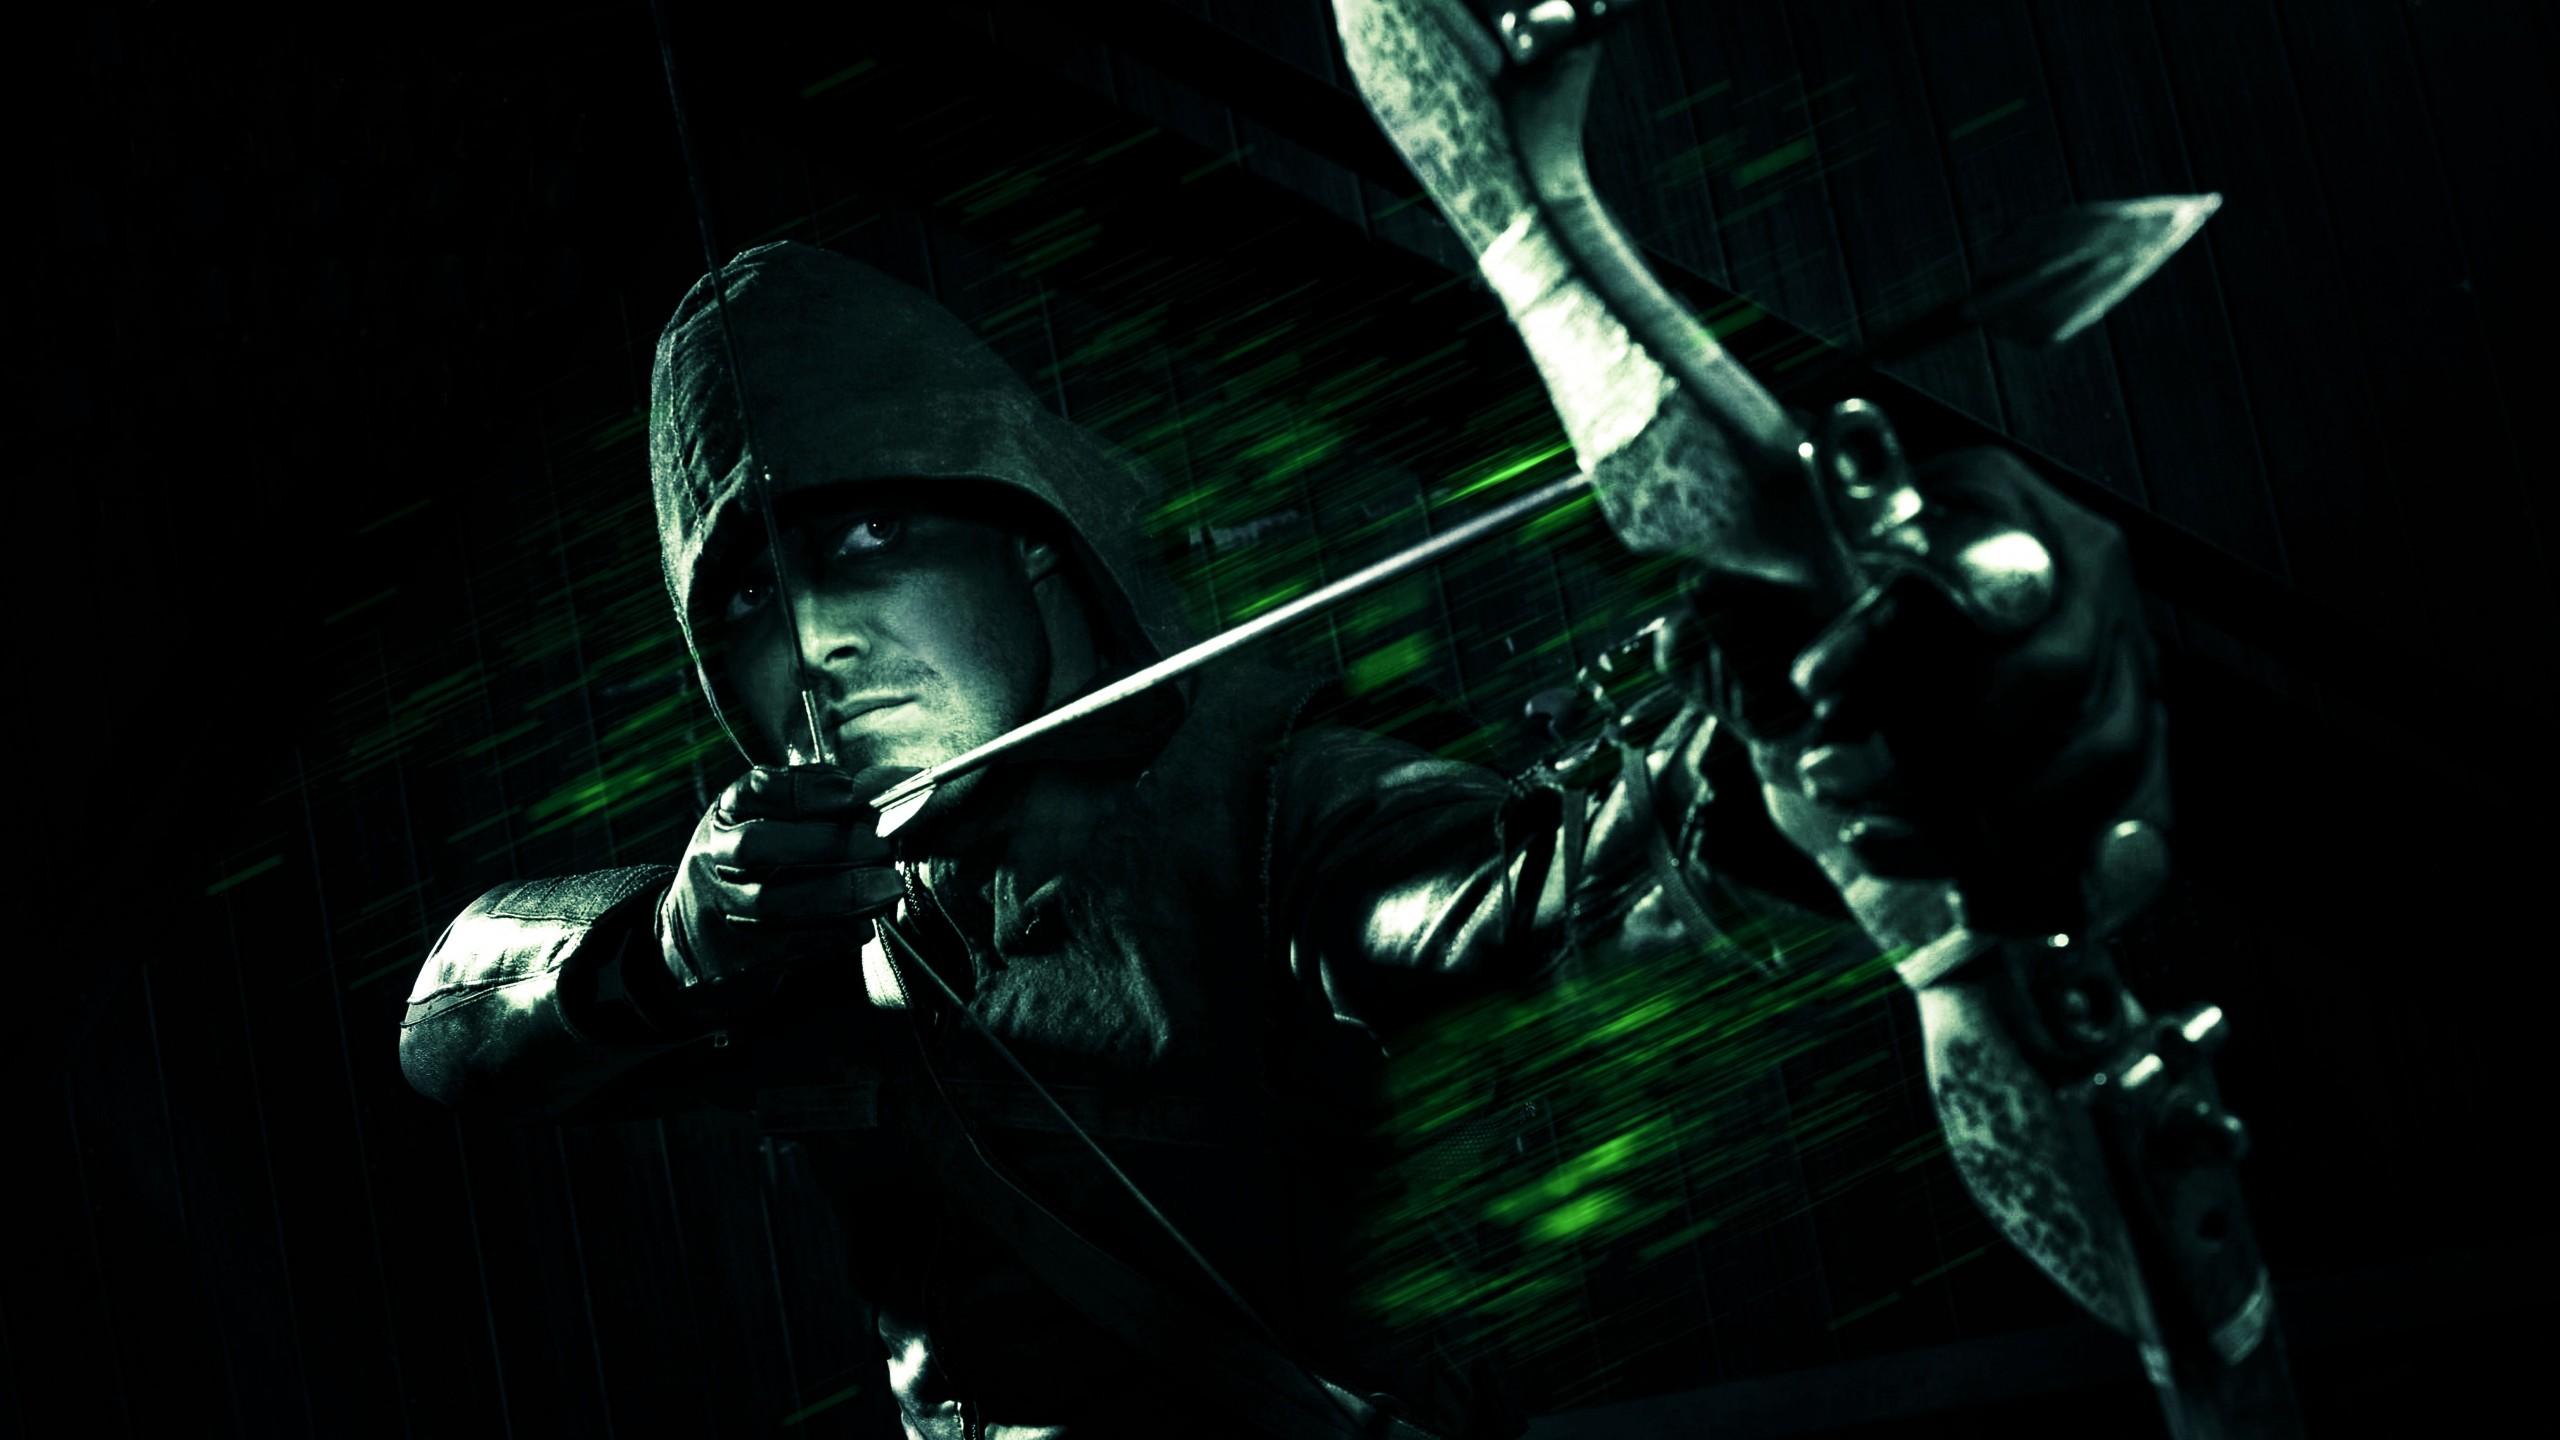 Zelda Hd Wallpaper Green Arrow 5k Wallpapers Hd Wallpapers Id 25330